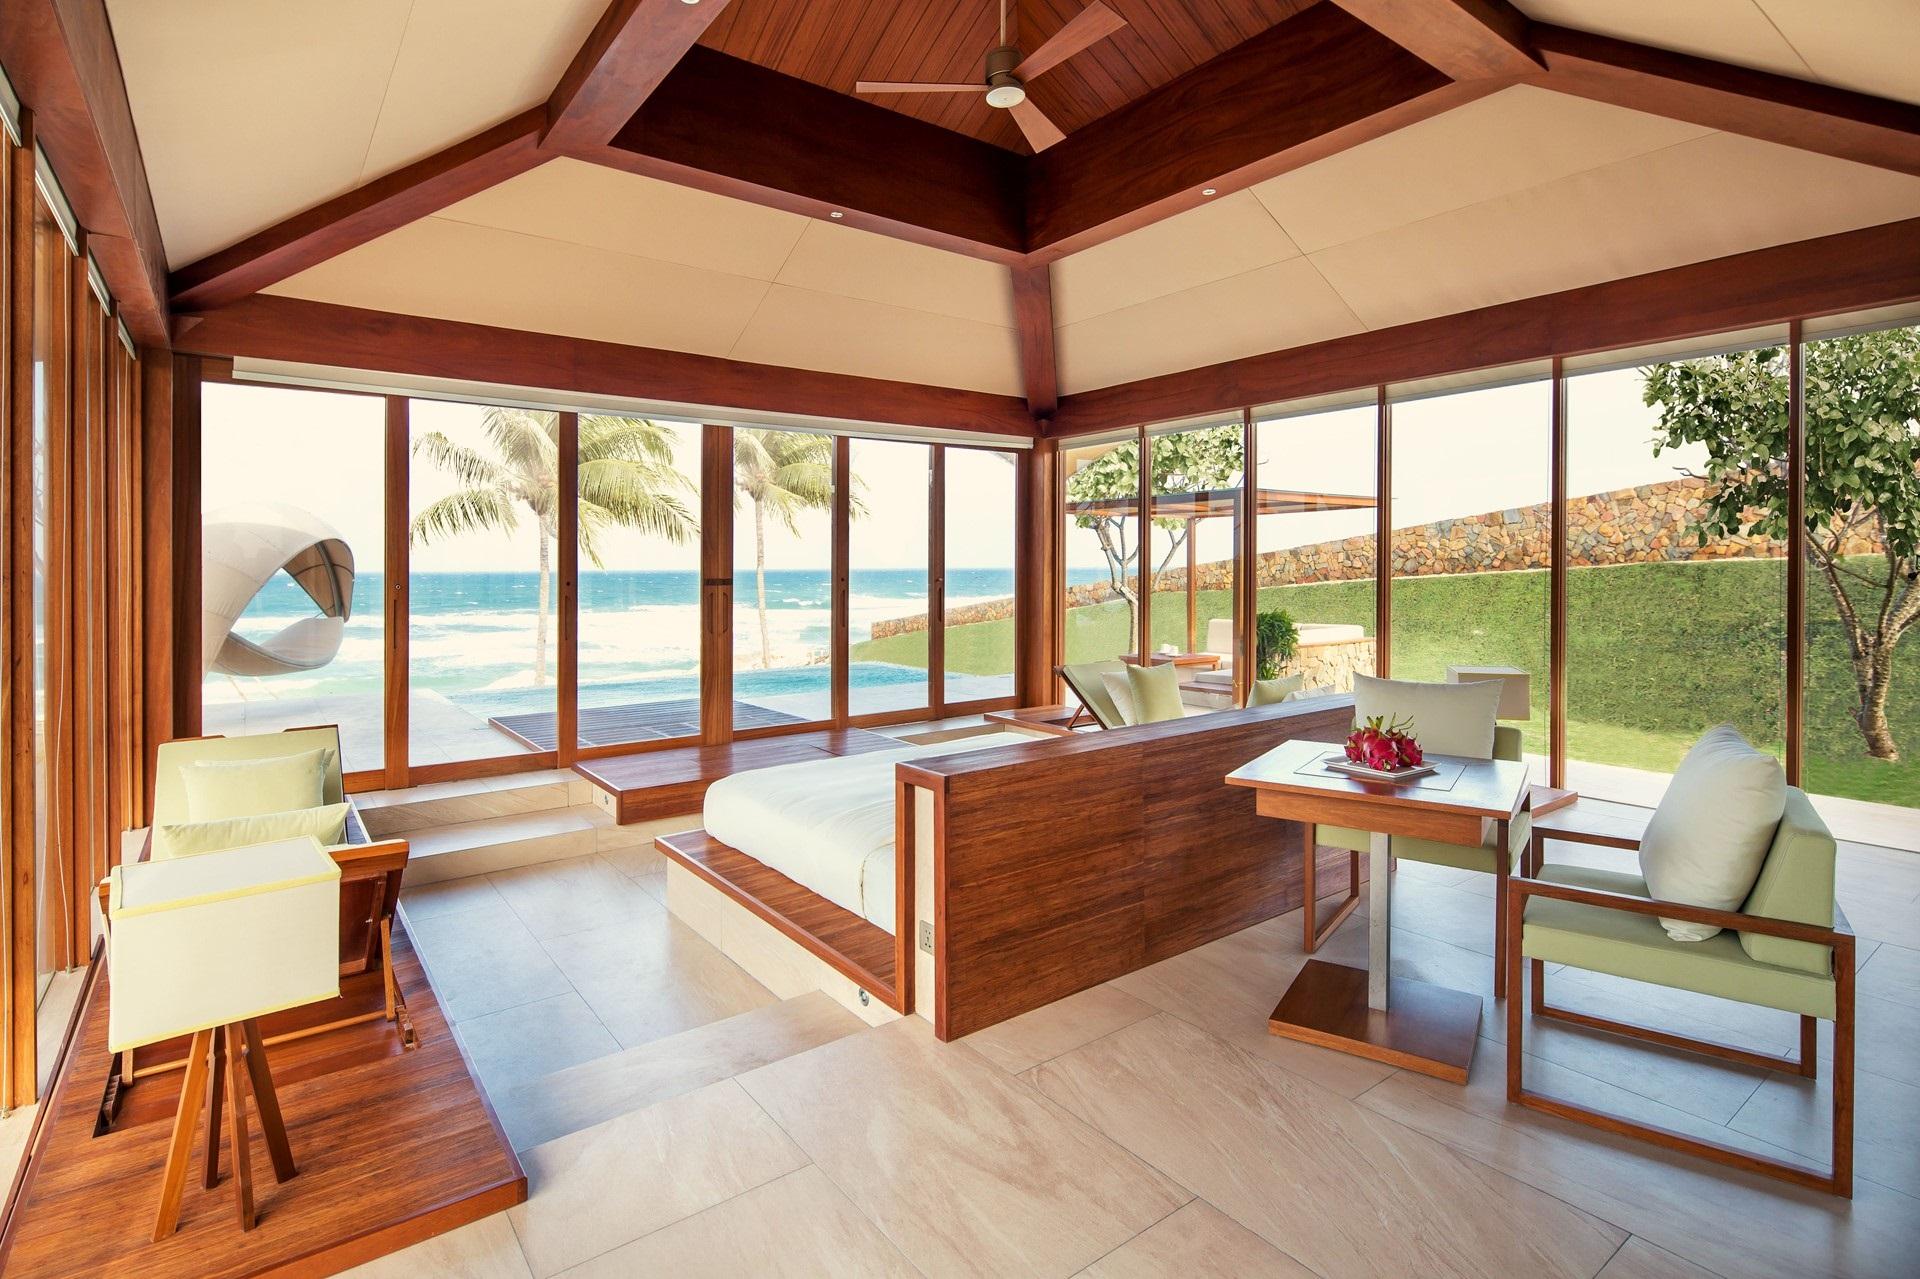 Fusion-Resort-Nha-Trang-Nha-Trang-Vietnam-5-